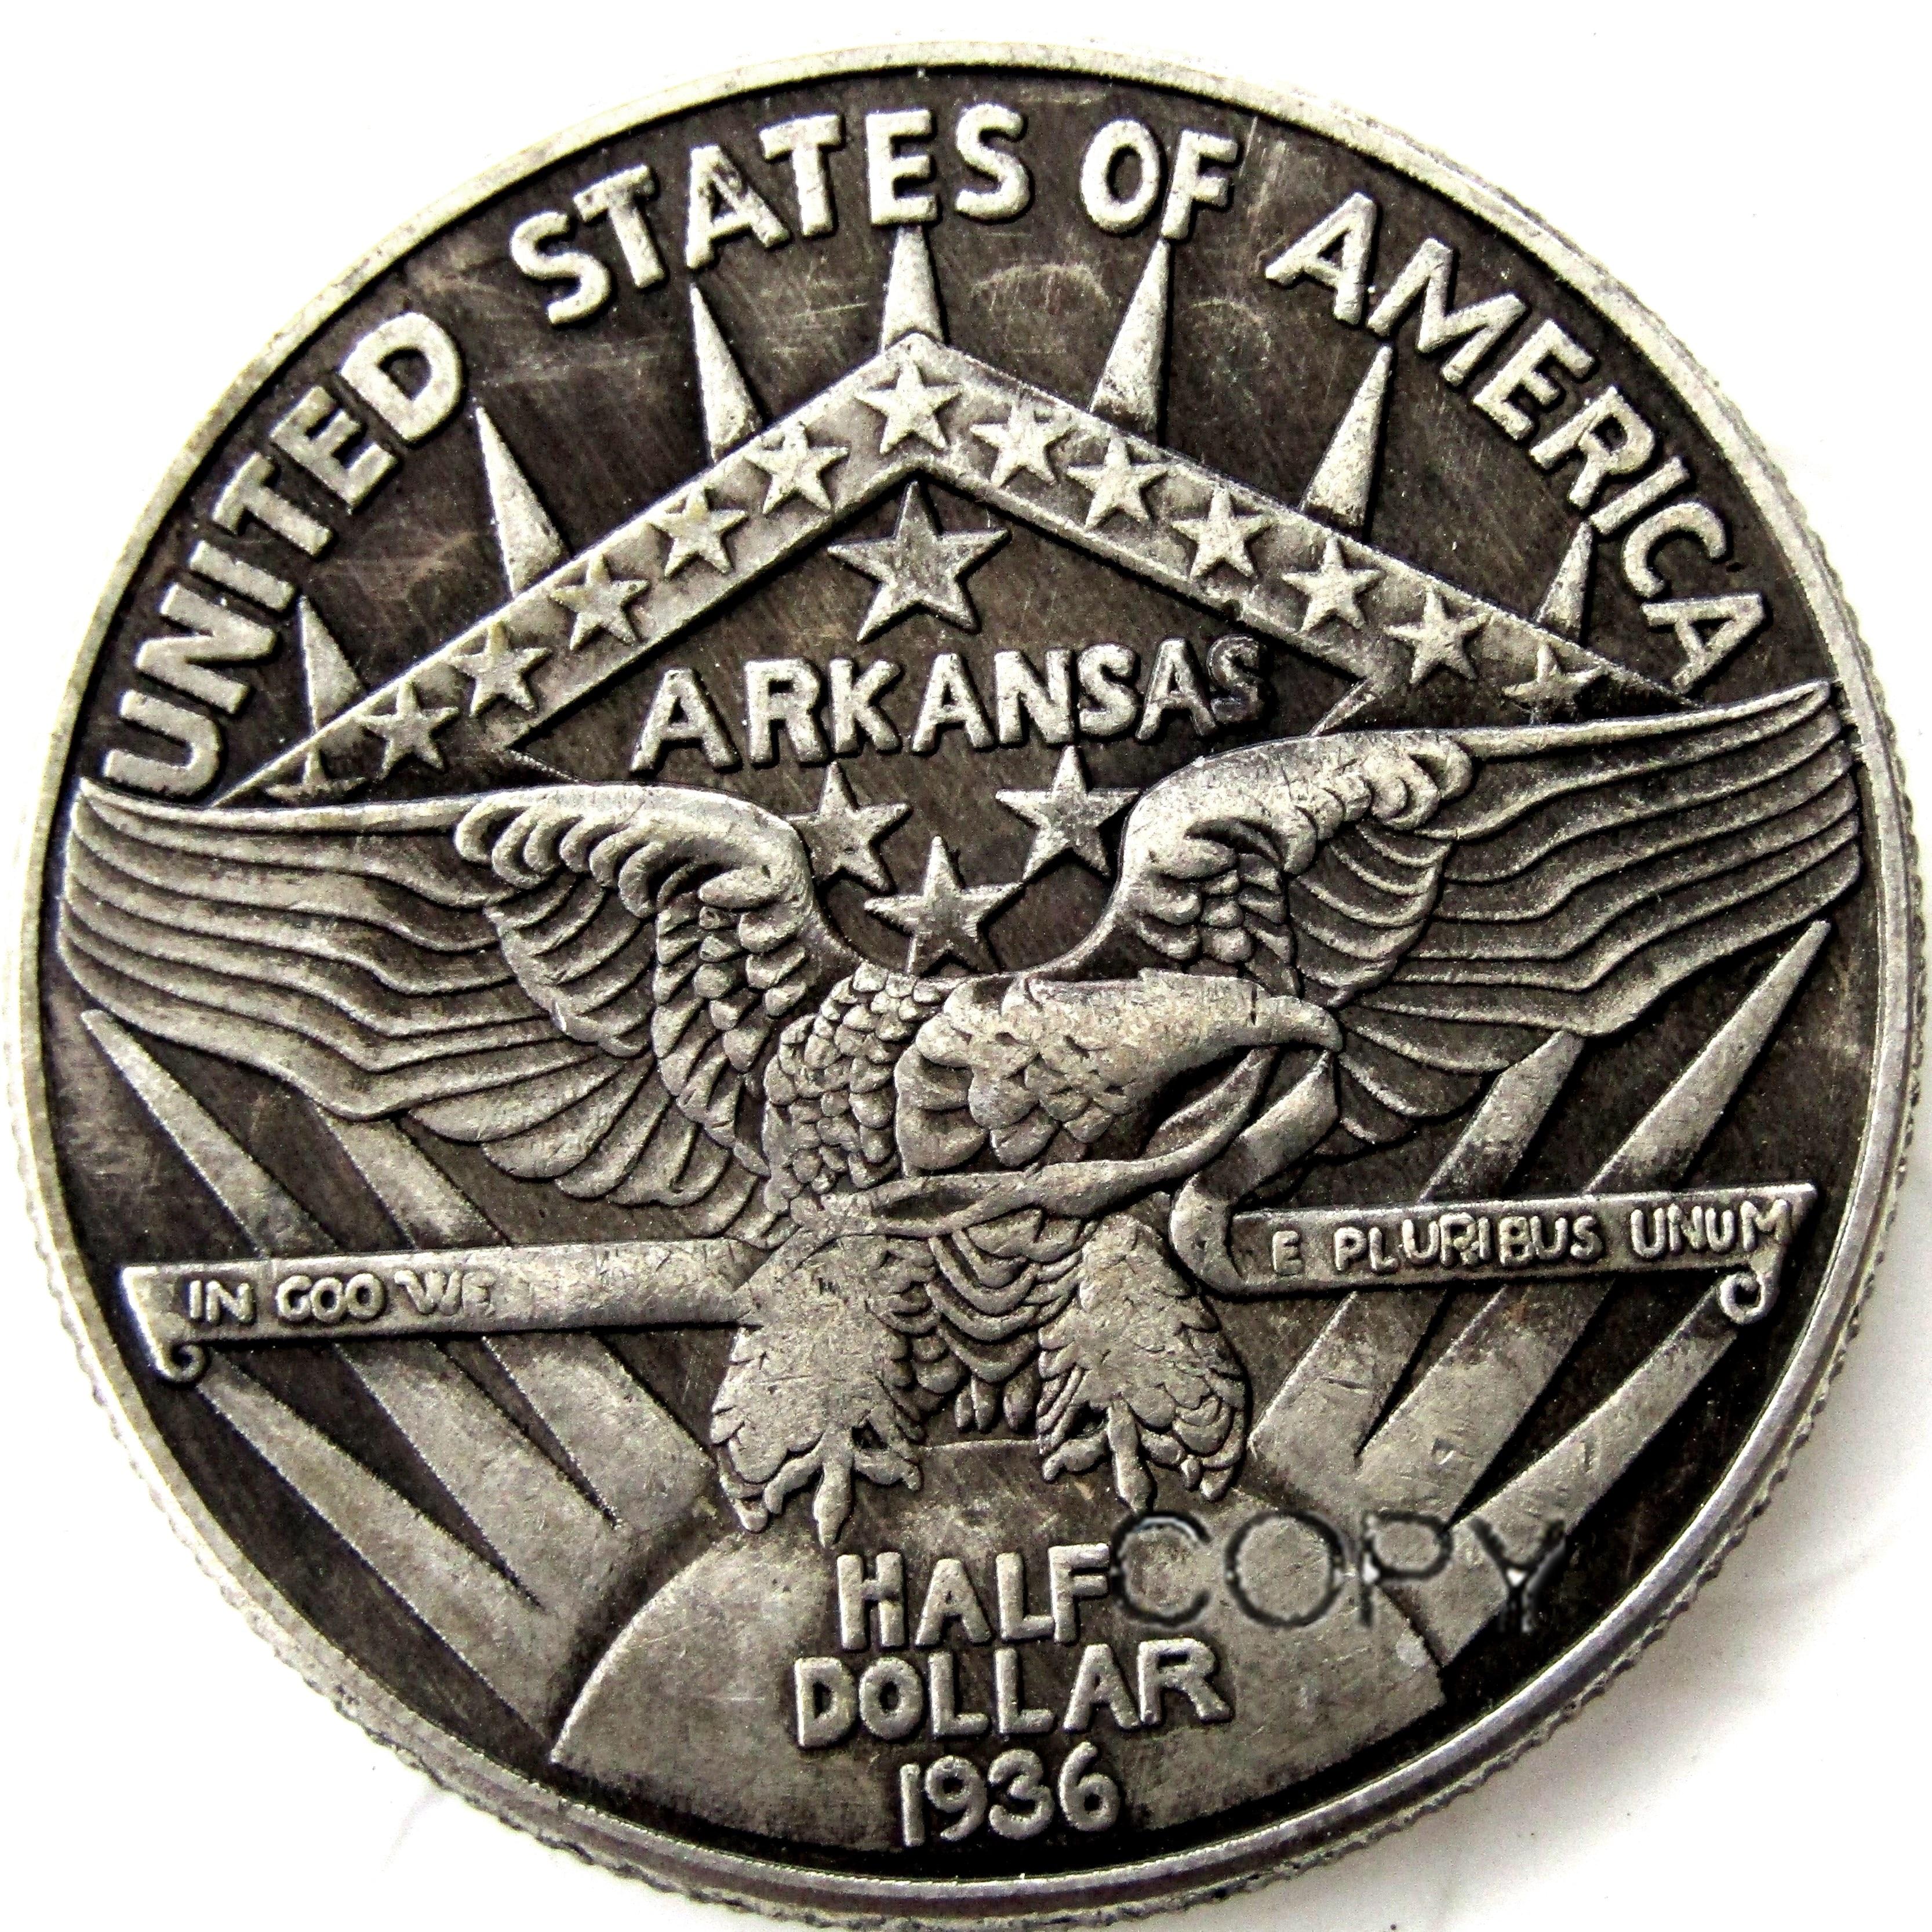 1936 памятная монета, Посеребренная полукопия долларов, монеты